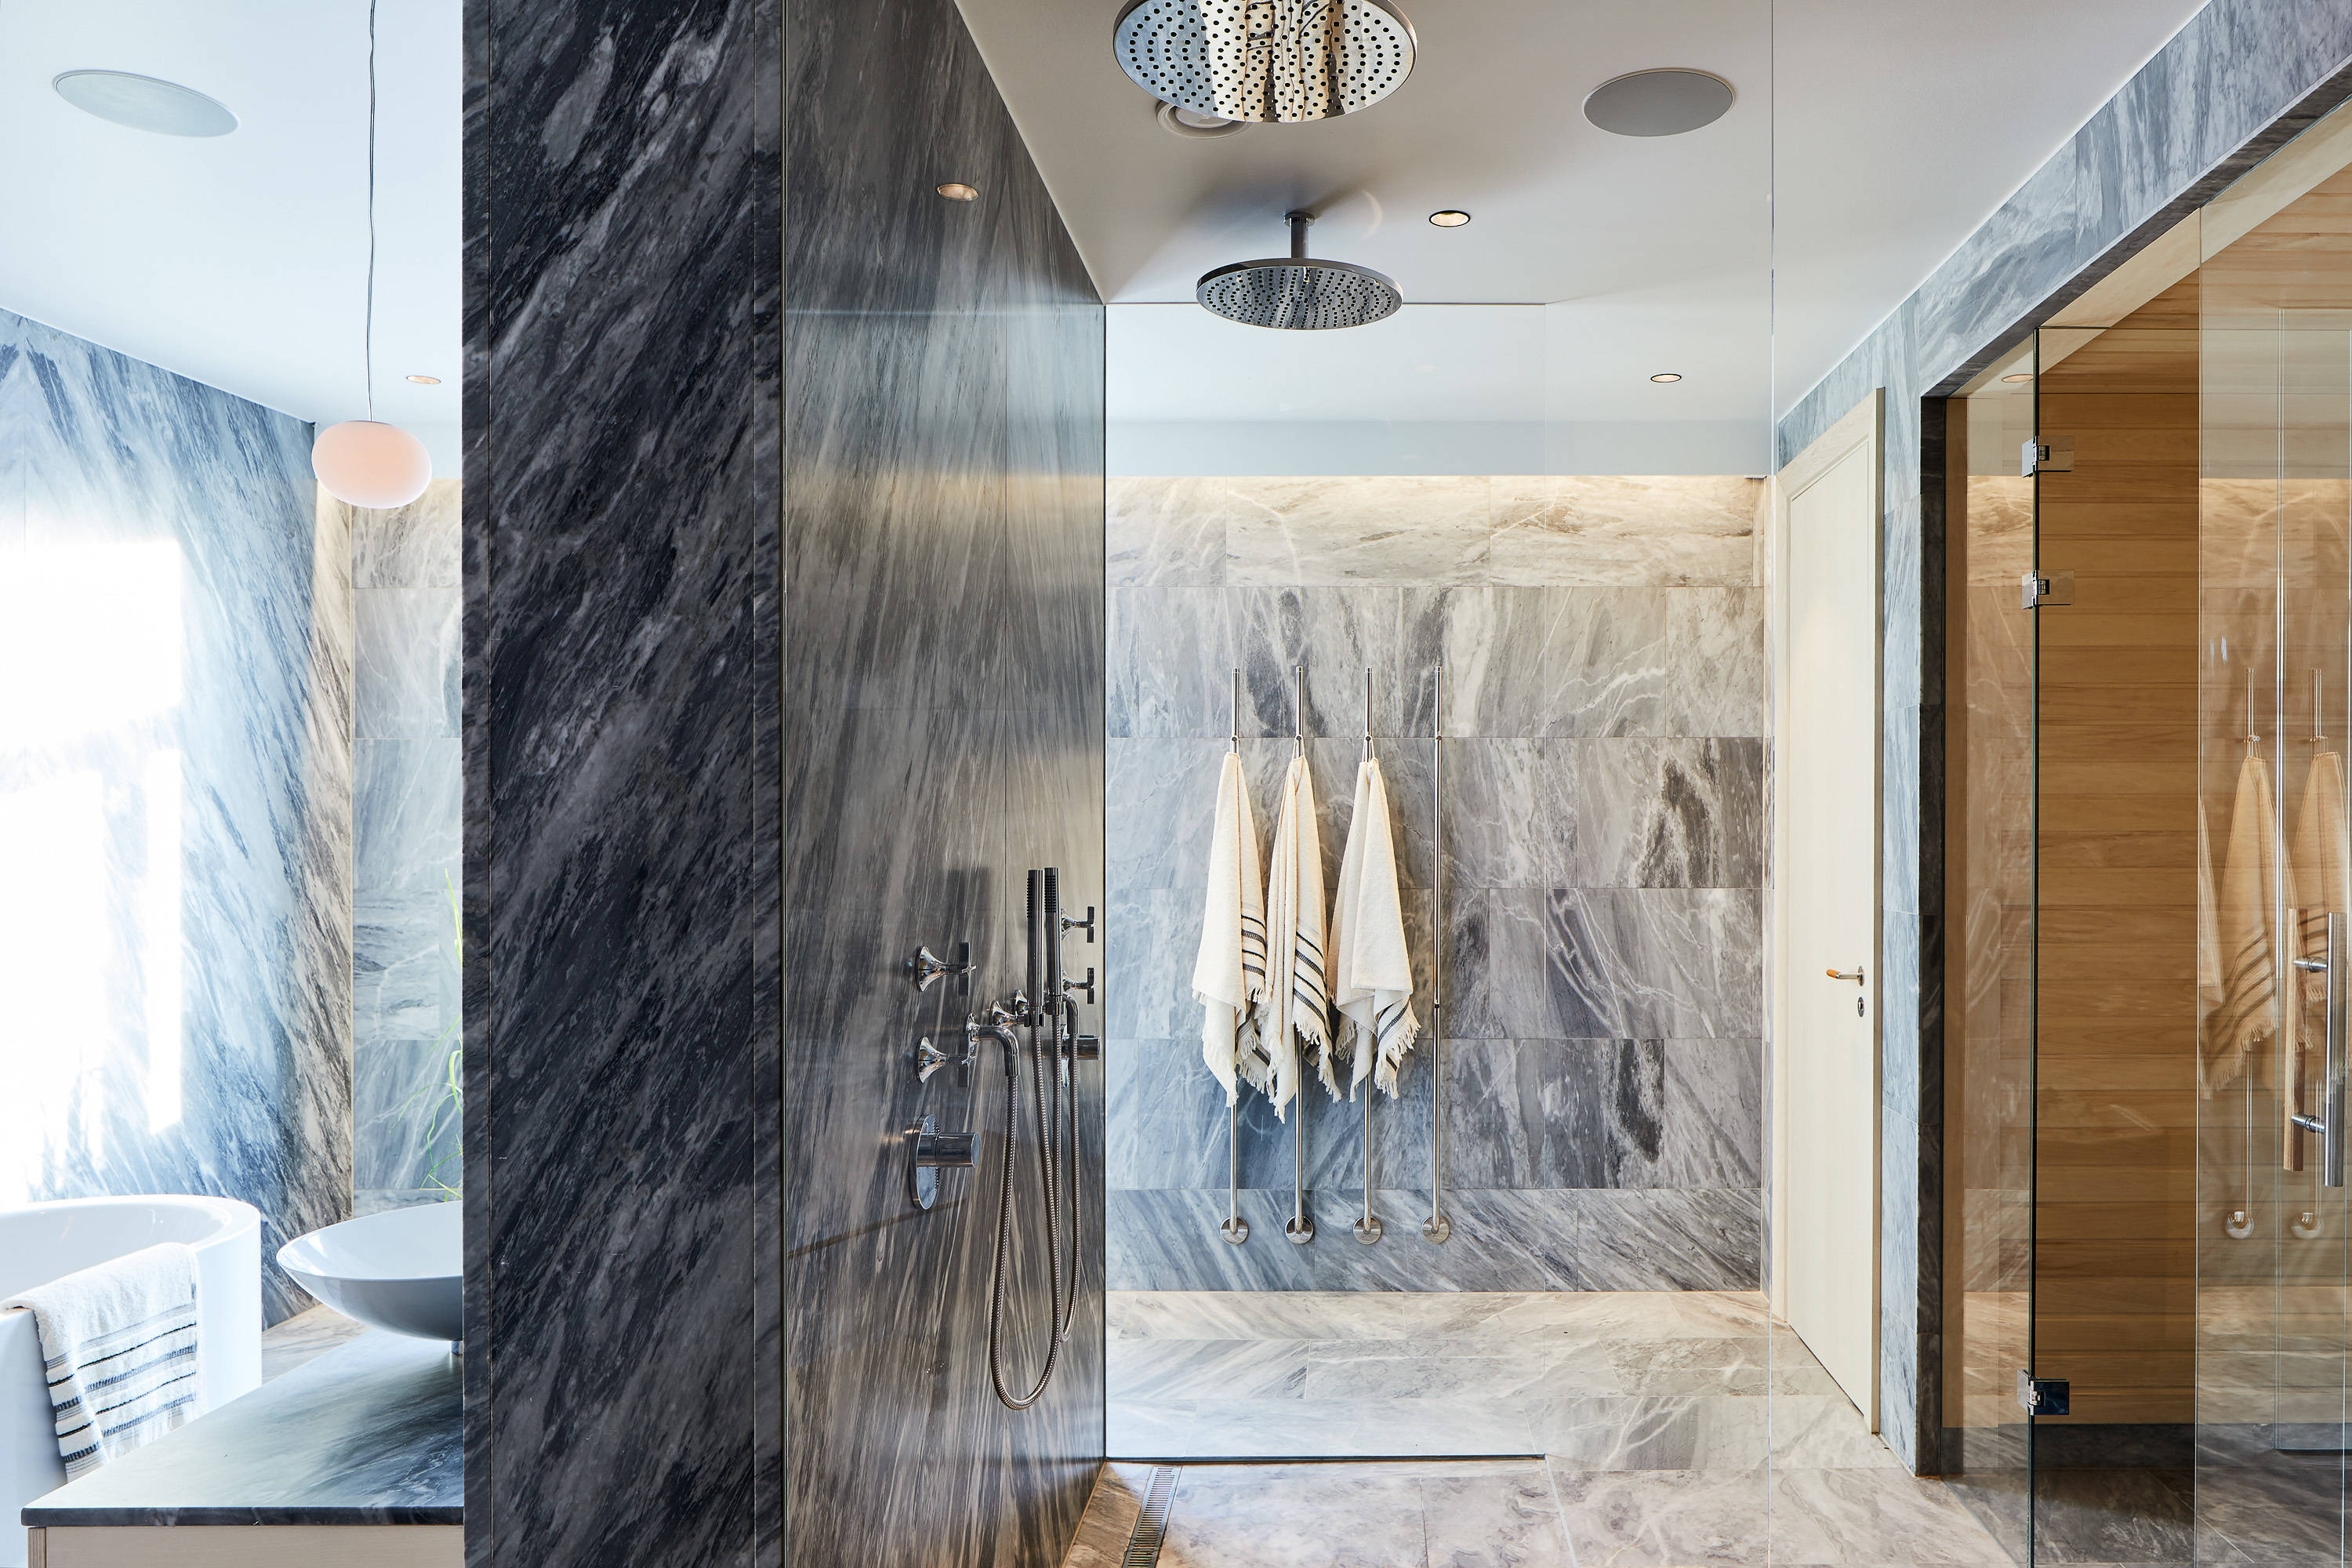 Stockholms dyraste lägenhet